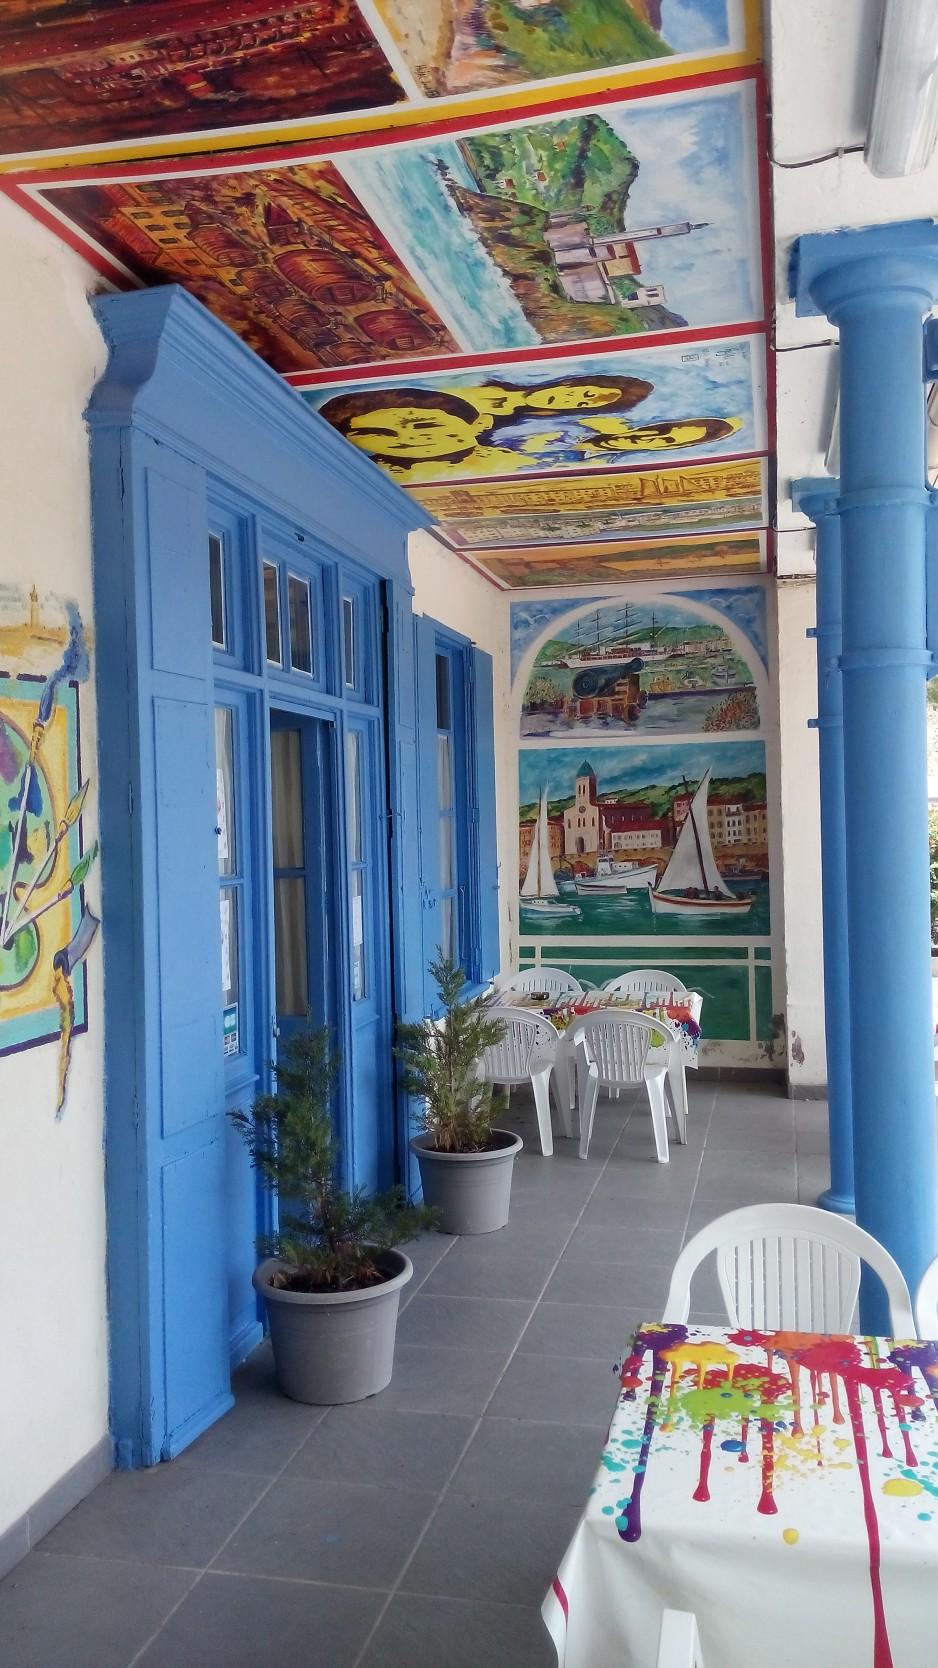 H tels la journ e avec restaurant argel s sur mer for Hotel avec restaurant